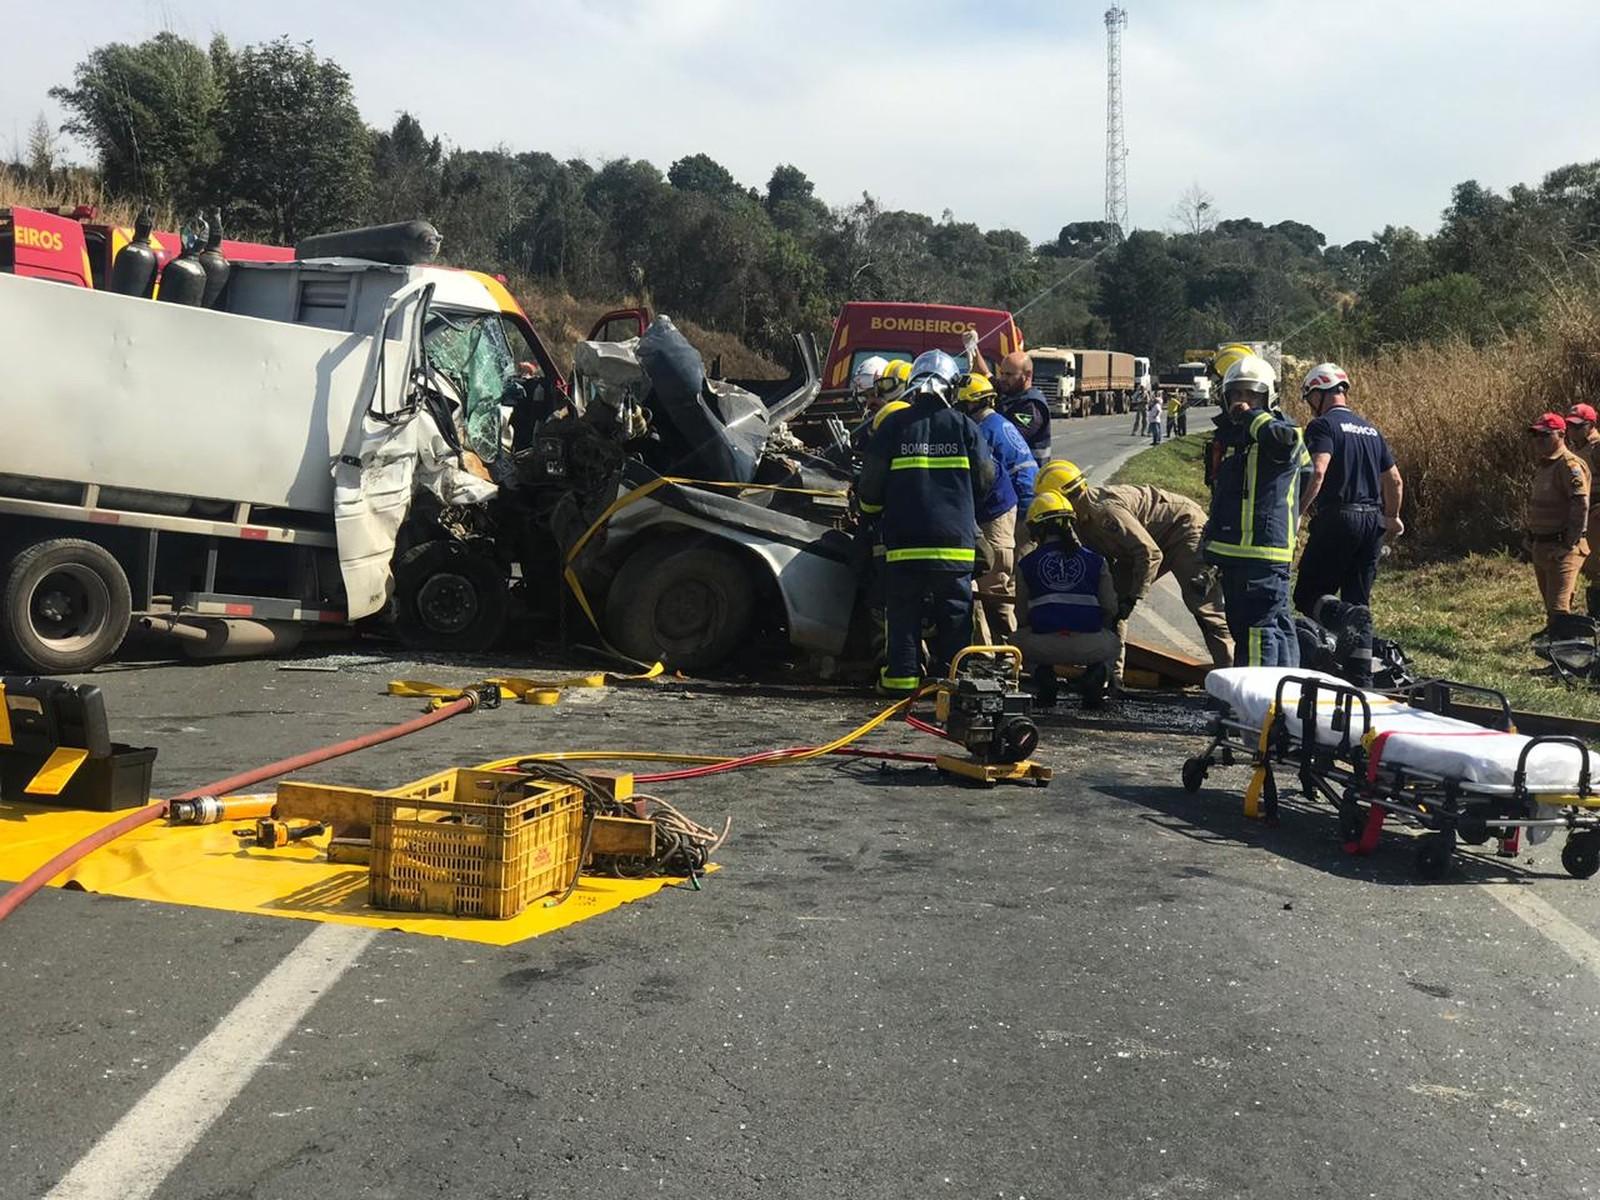 Segundo a polícia, um caminhão carregado com cilindros de oxigênio e uma caminhonete bateram de frente na PR-418, próximo ao cruzamento com a PR-092 (Foto: Wesley Cunha/RPC)